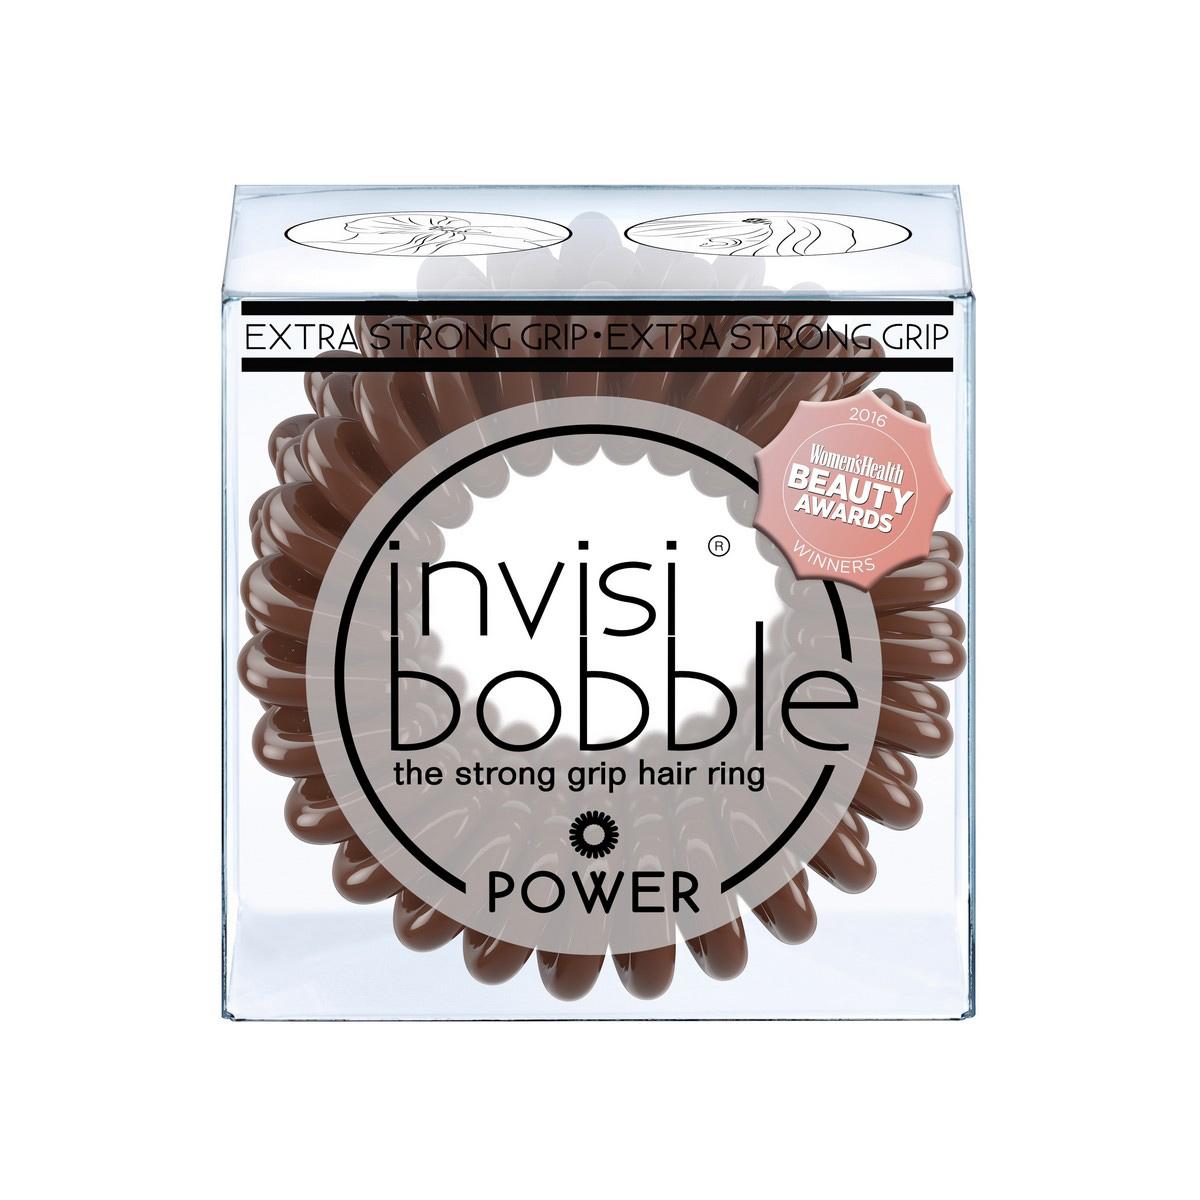 Резинка-браслет для волос Invisibobble Power Pretzel Brown3068Резинки-браслеты invisibobble коричневого цвета Pretzel Brown из обновлённой коллекции POWER идеально подойдут для поклонников классического стиля. Резинки-браслеты invisibobble POWER немного больше в размере, чем invisibobble ORIGINAL, а также имеют более плотные витки. Это позволяет плотно фиксировать волосы во время занятий спортом и активного отдыха. invisibobble POWER также идеальны для густых волос. Резинки-браслеты invisibobble подходят для всех типов волос, надежно фиксируют причёску, не оставляют заломы и не вызывают головную боль благодаря неравномерному распределению давления на волосы. Кроме того, они не намокают и не вызывают аллергию при контакте с кожей, поскольку изготовлены из искусственной смолы.